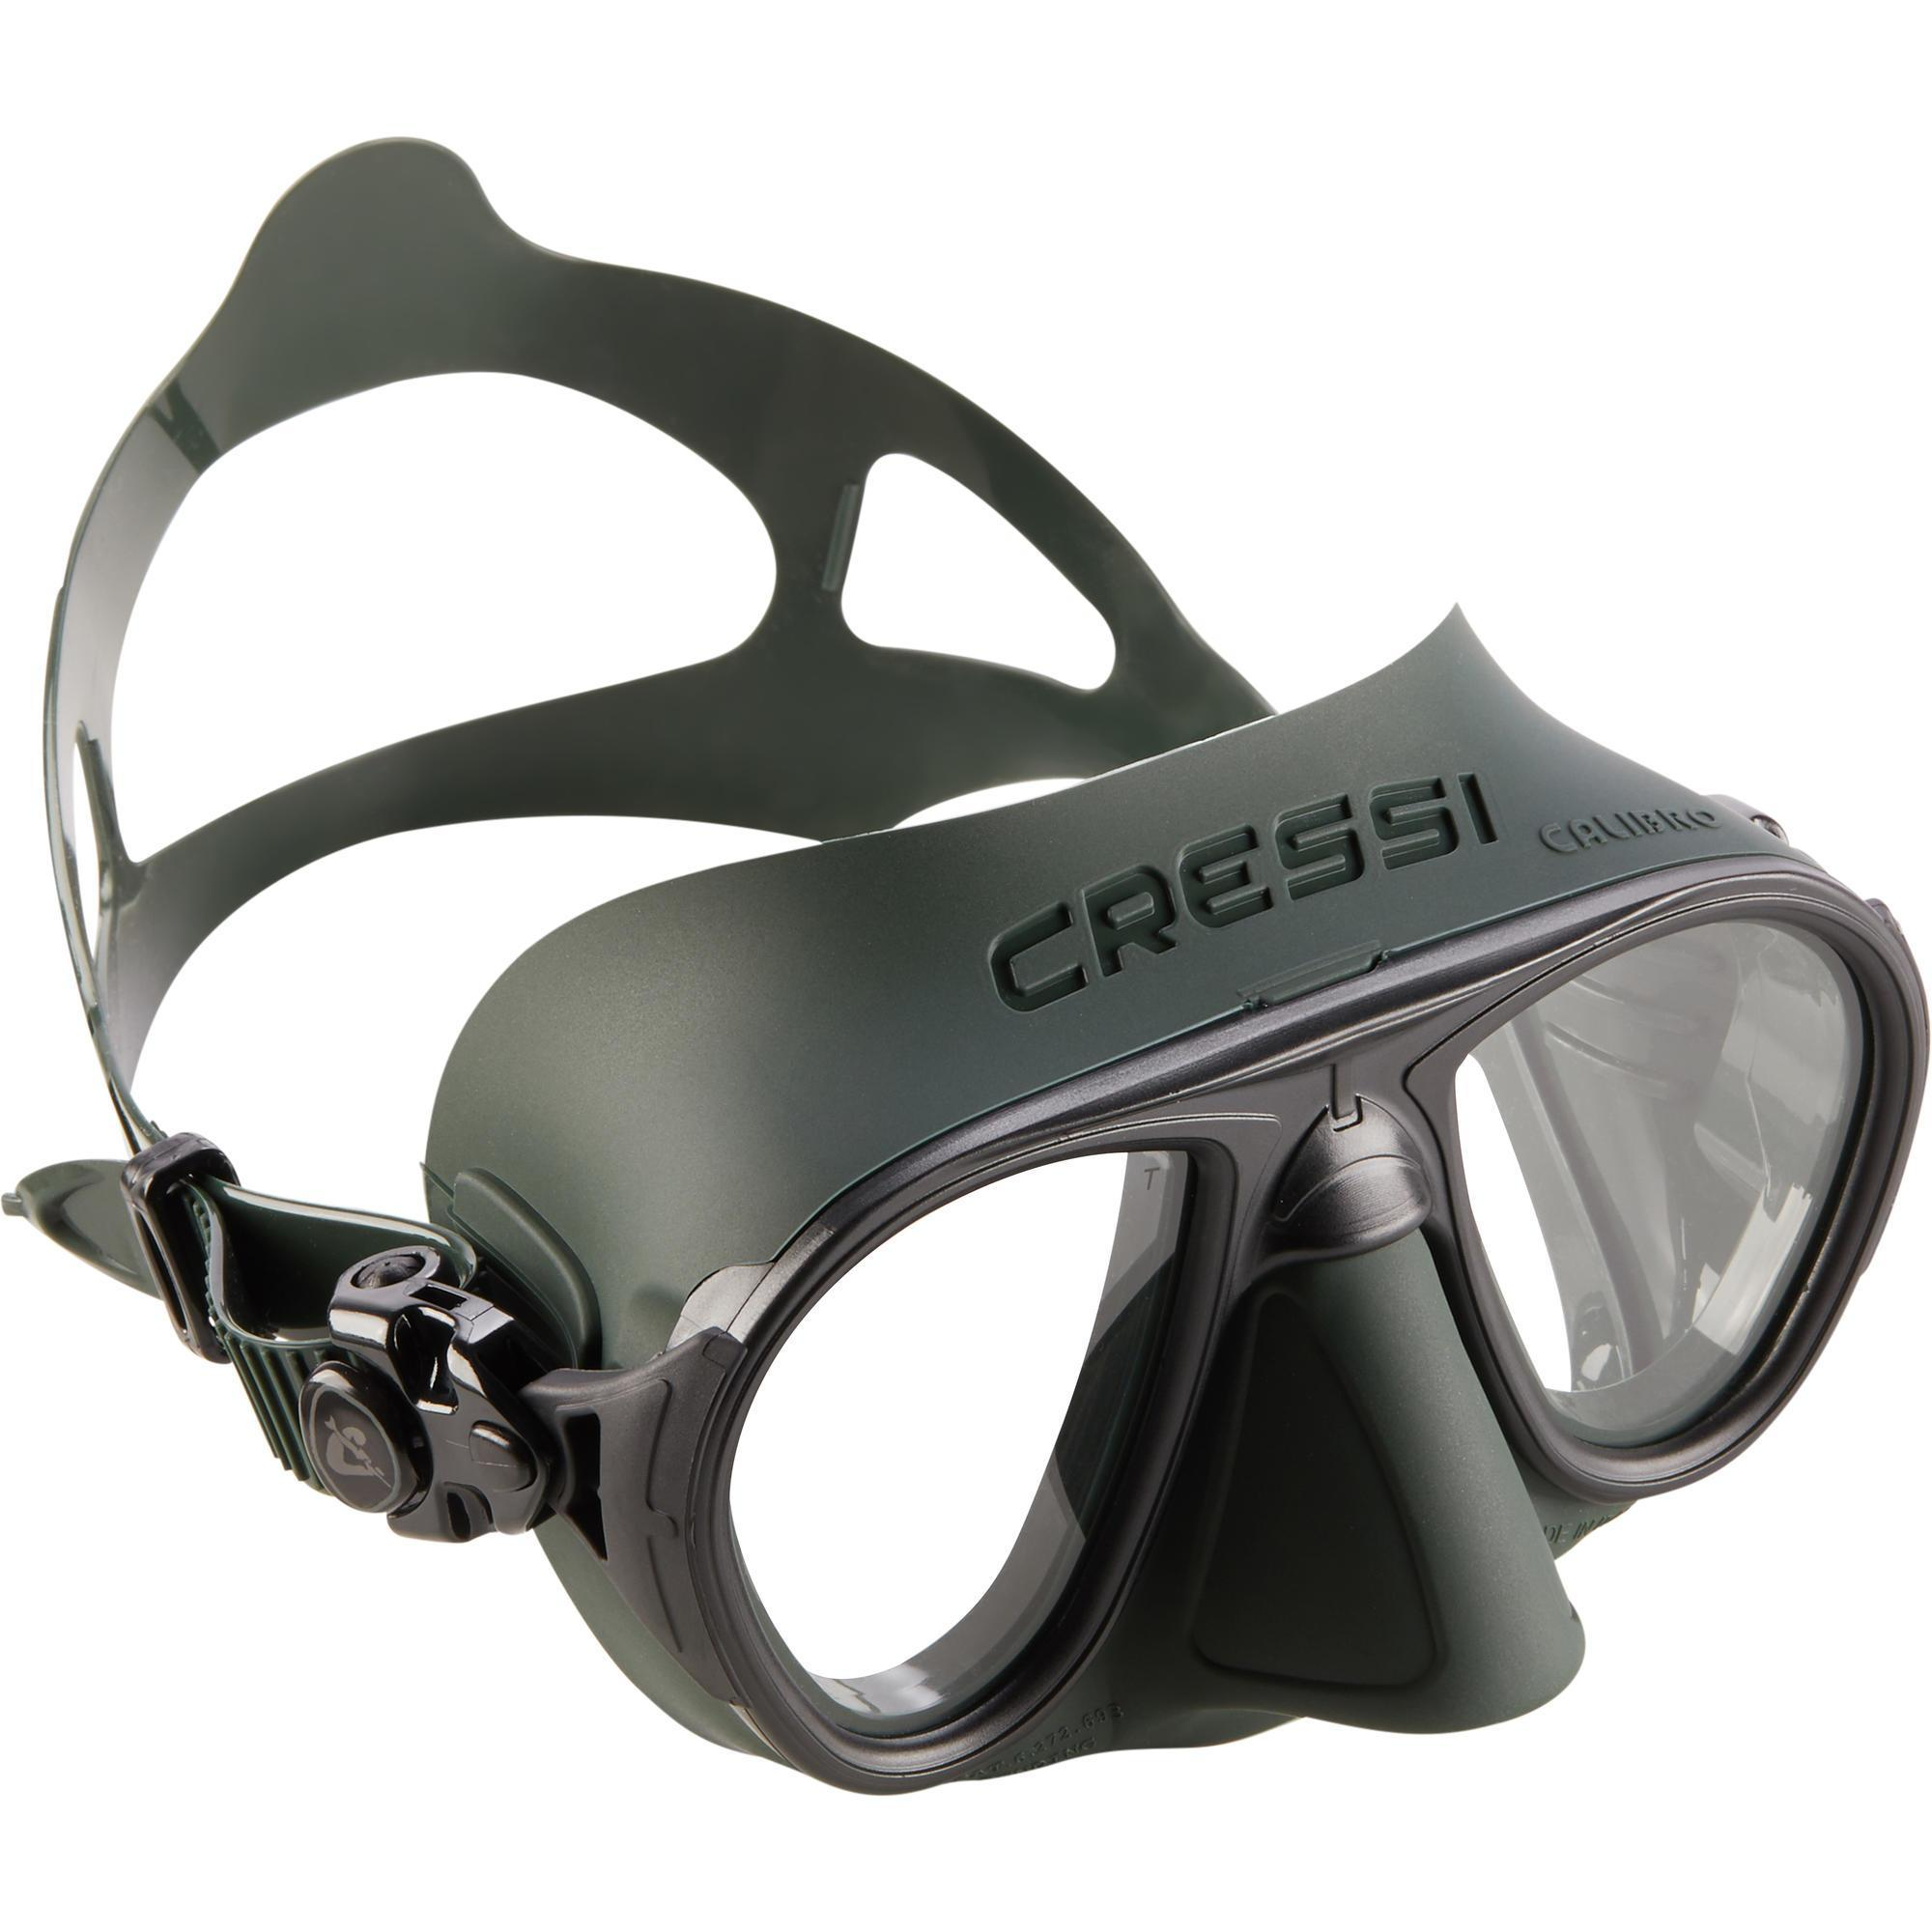 Cressi-sub Duikbril Calibro voor freediving kopen? Leest dit eerst: Duikmasker en snorkel Duikmasker met korting